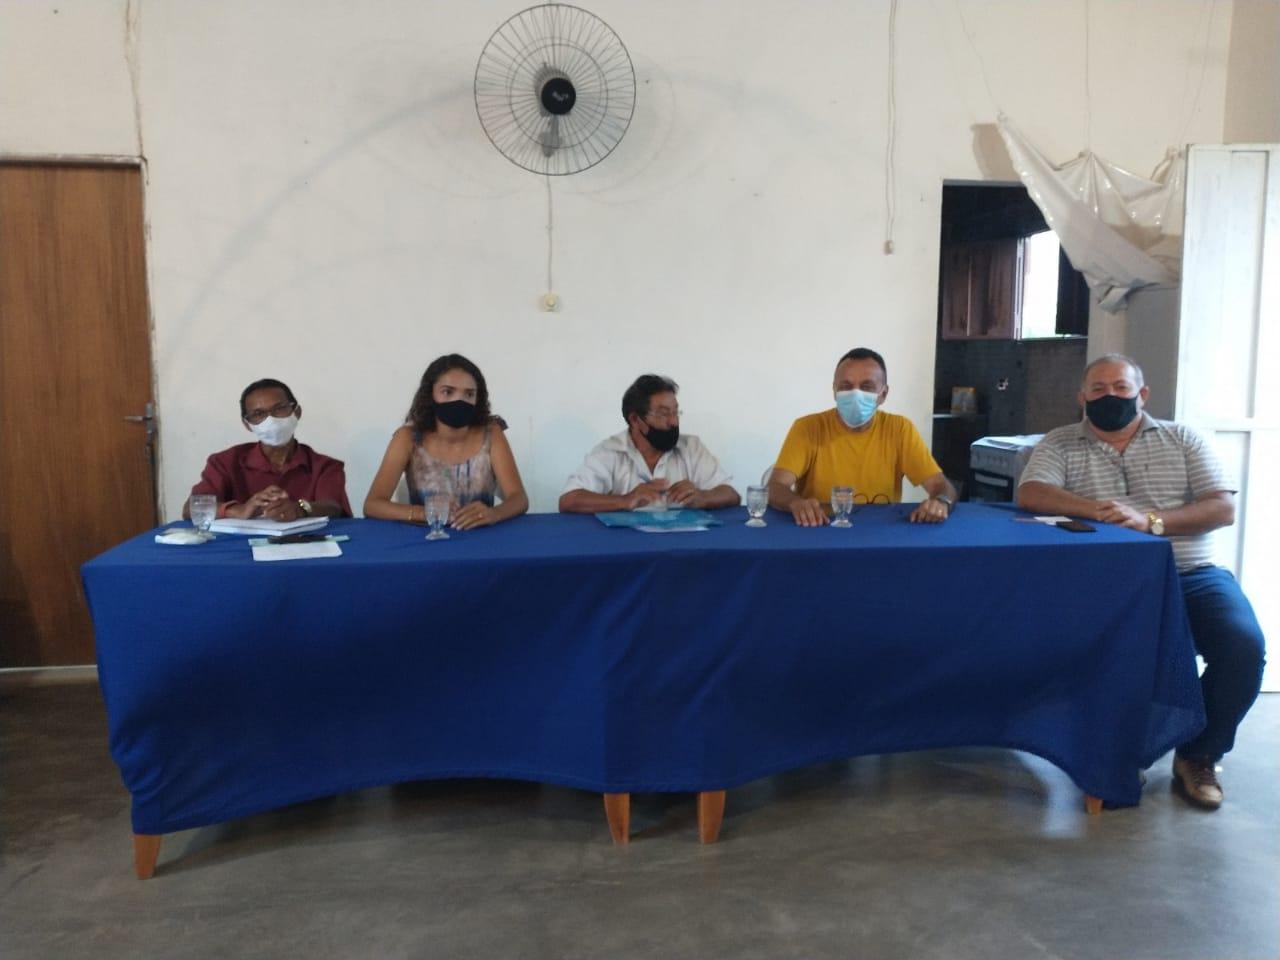 Comunidade do Mocambo de Baixo precisa de maior atenção por parte da Prefeitura Municipal de Patos. Diz vereador Zé Gonçalves